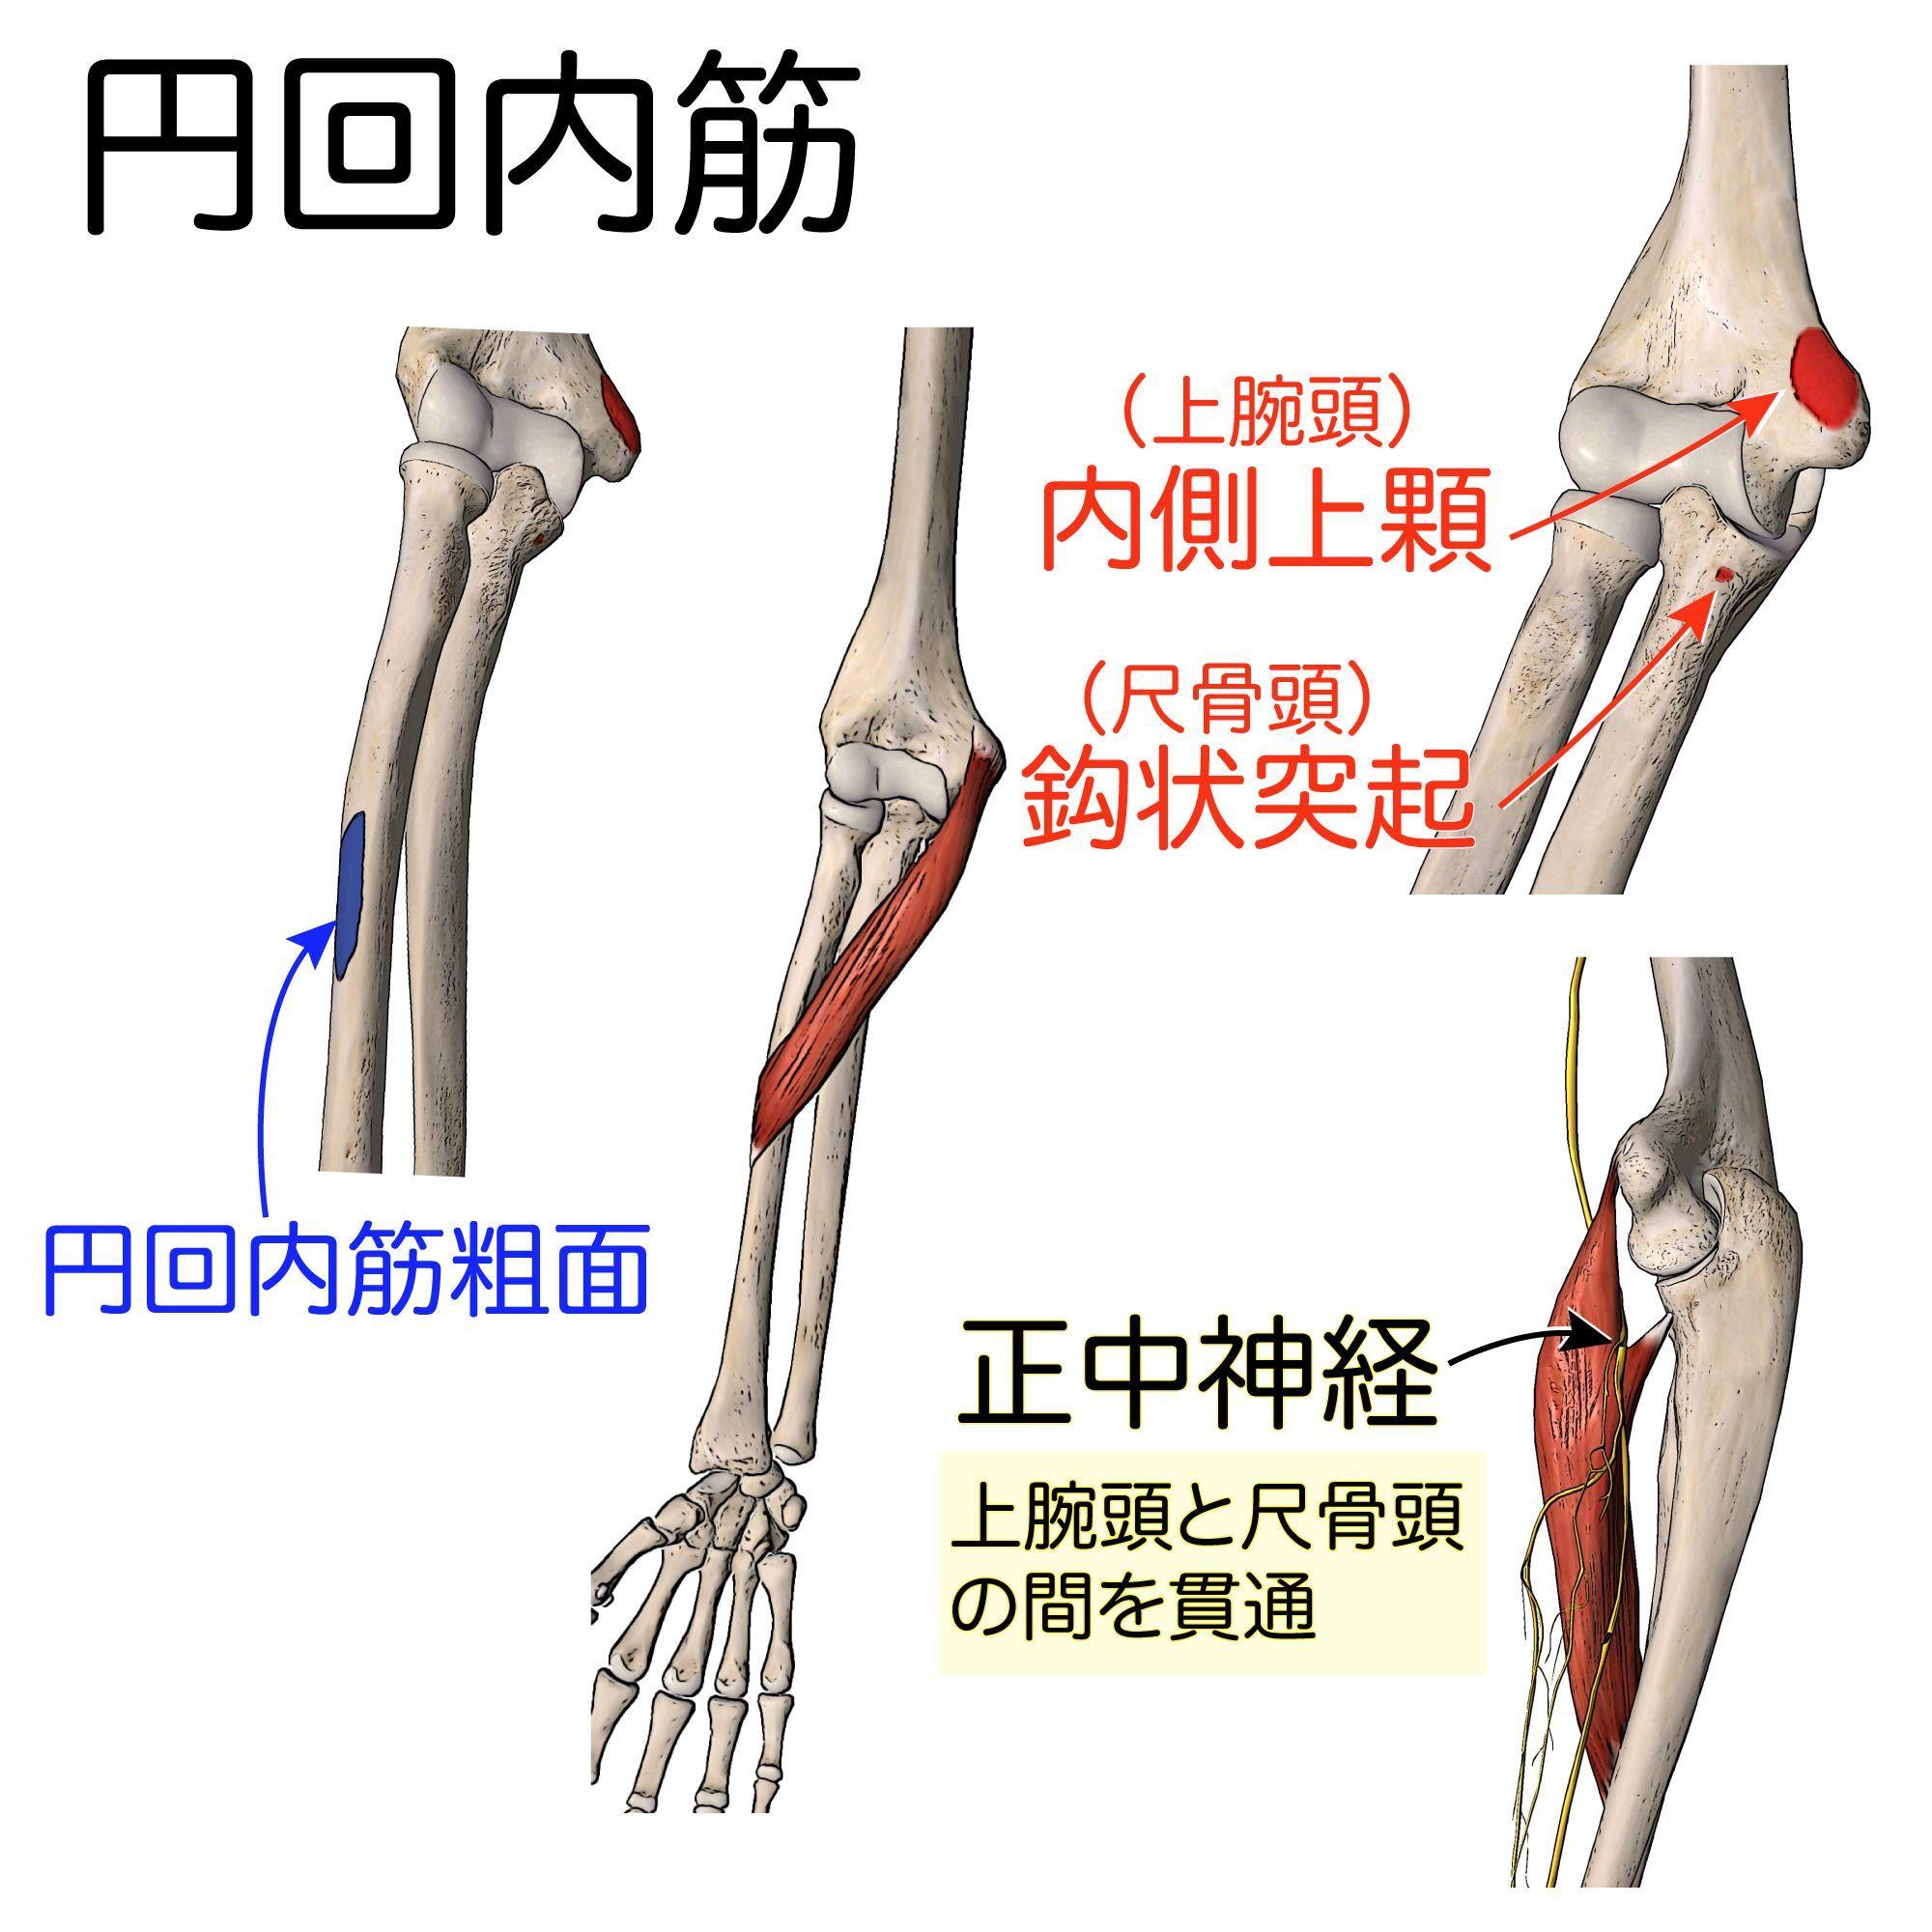 骨折 上 腕骨 顆 上